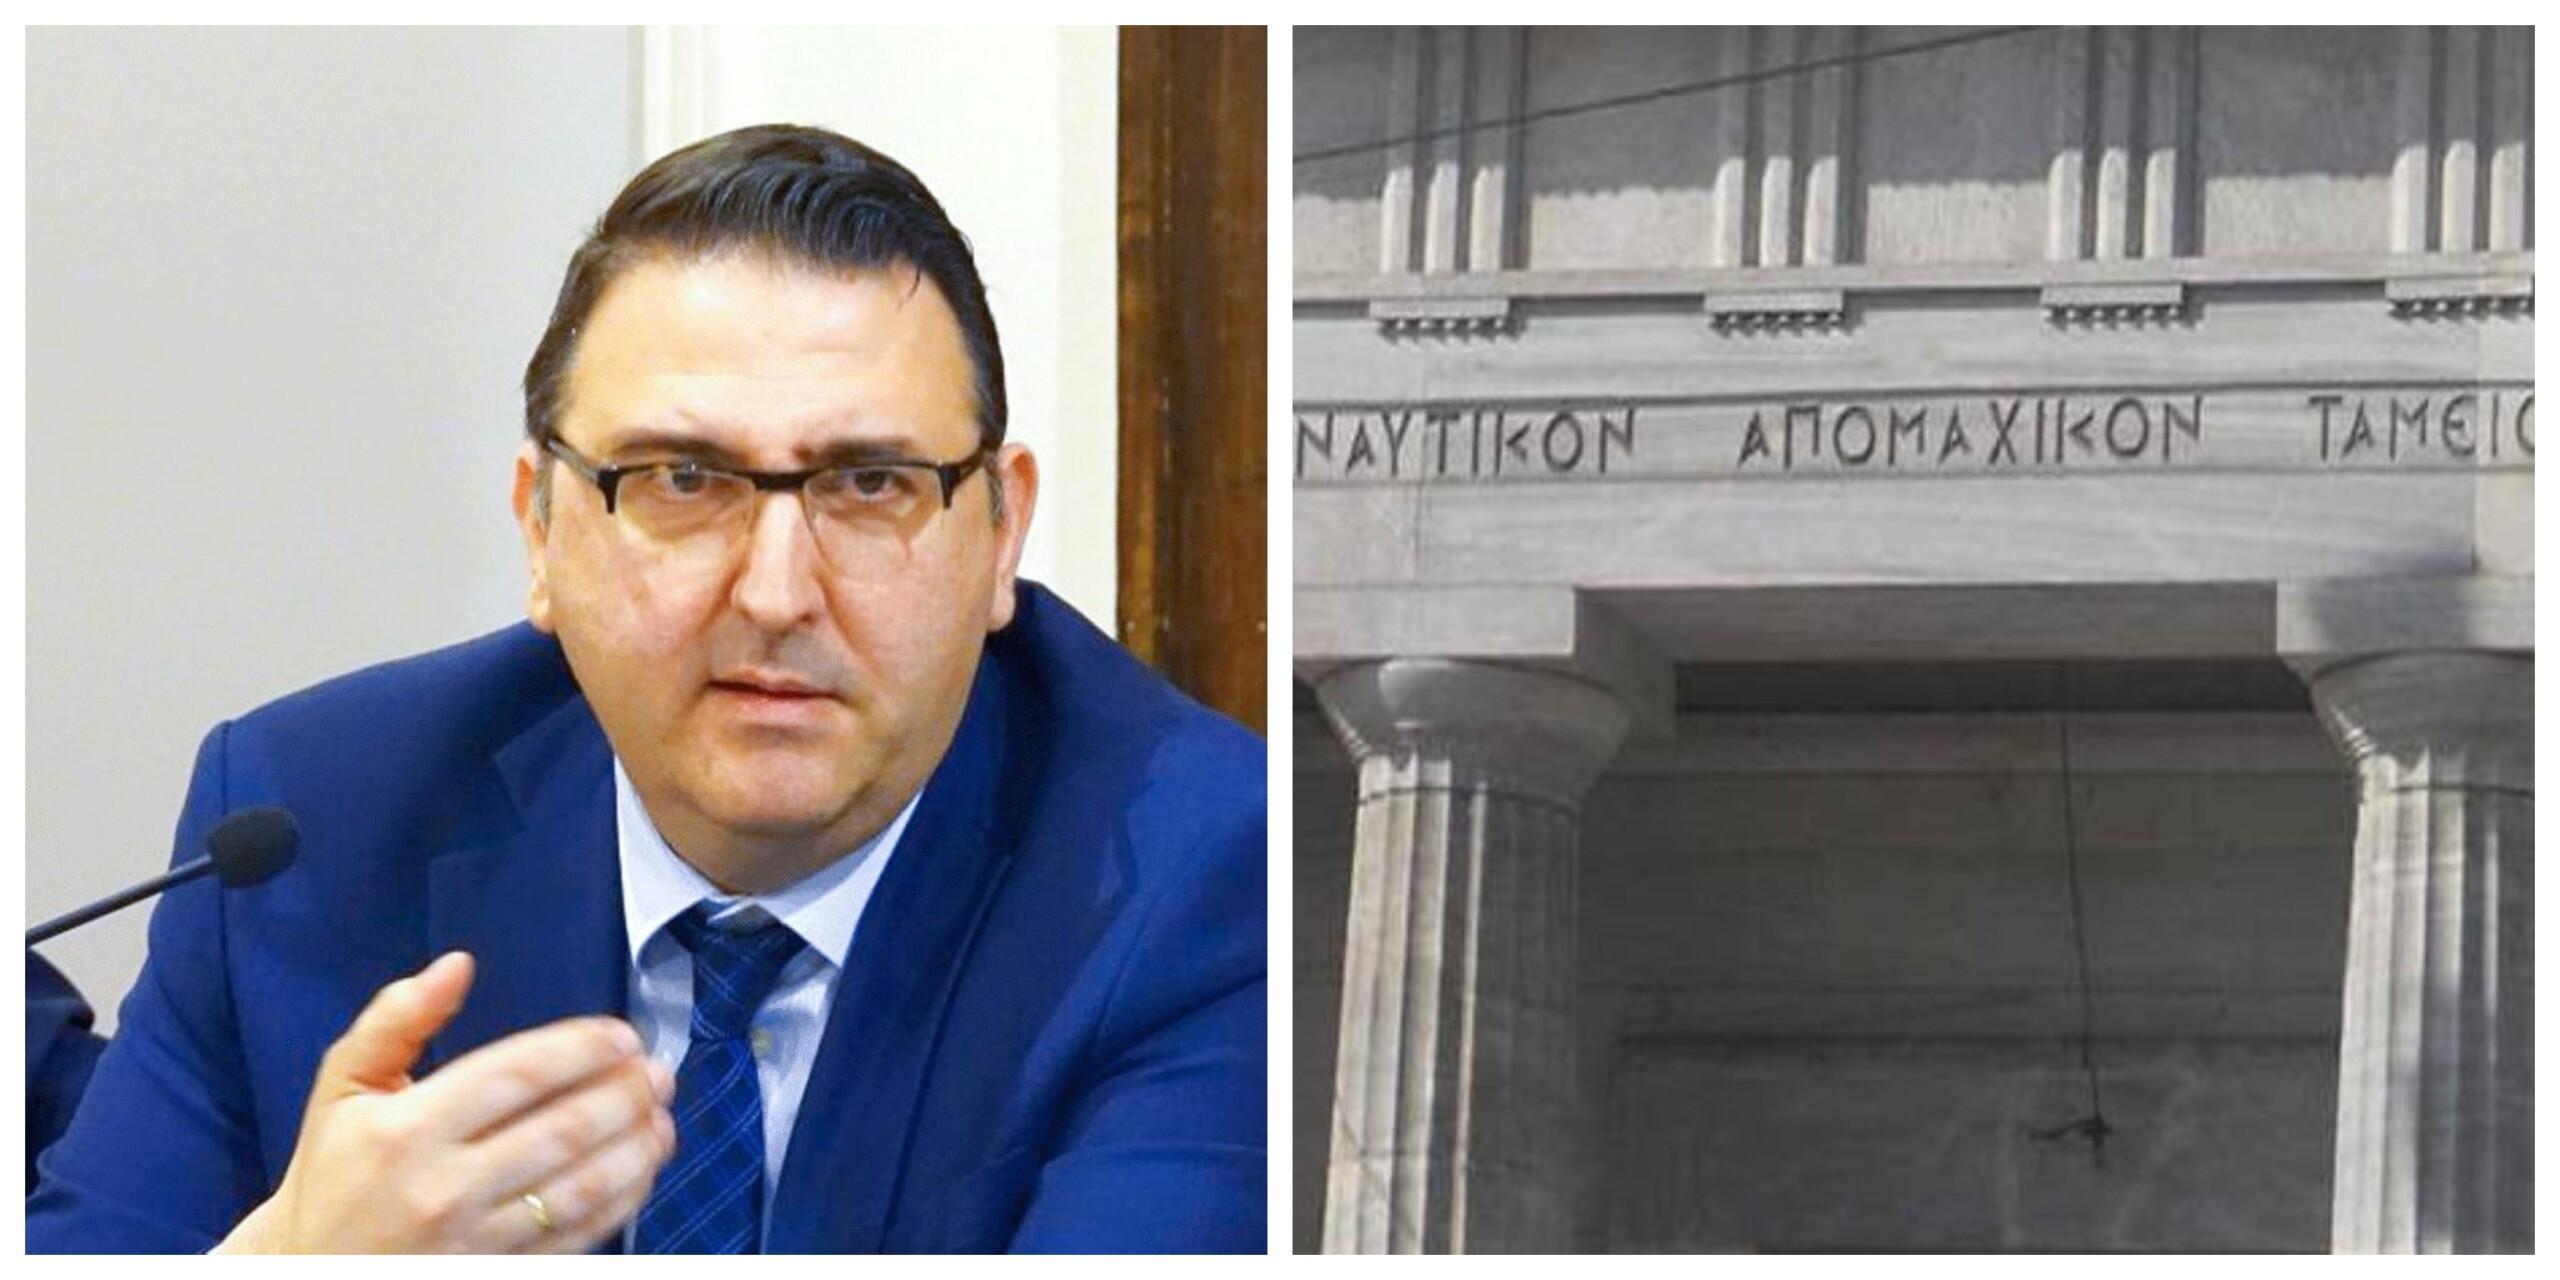 Τσαγκαρόπουλος Κ.